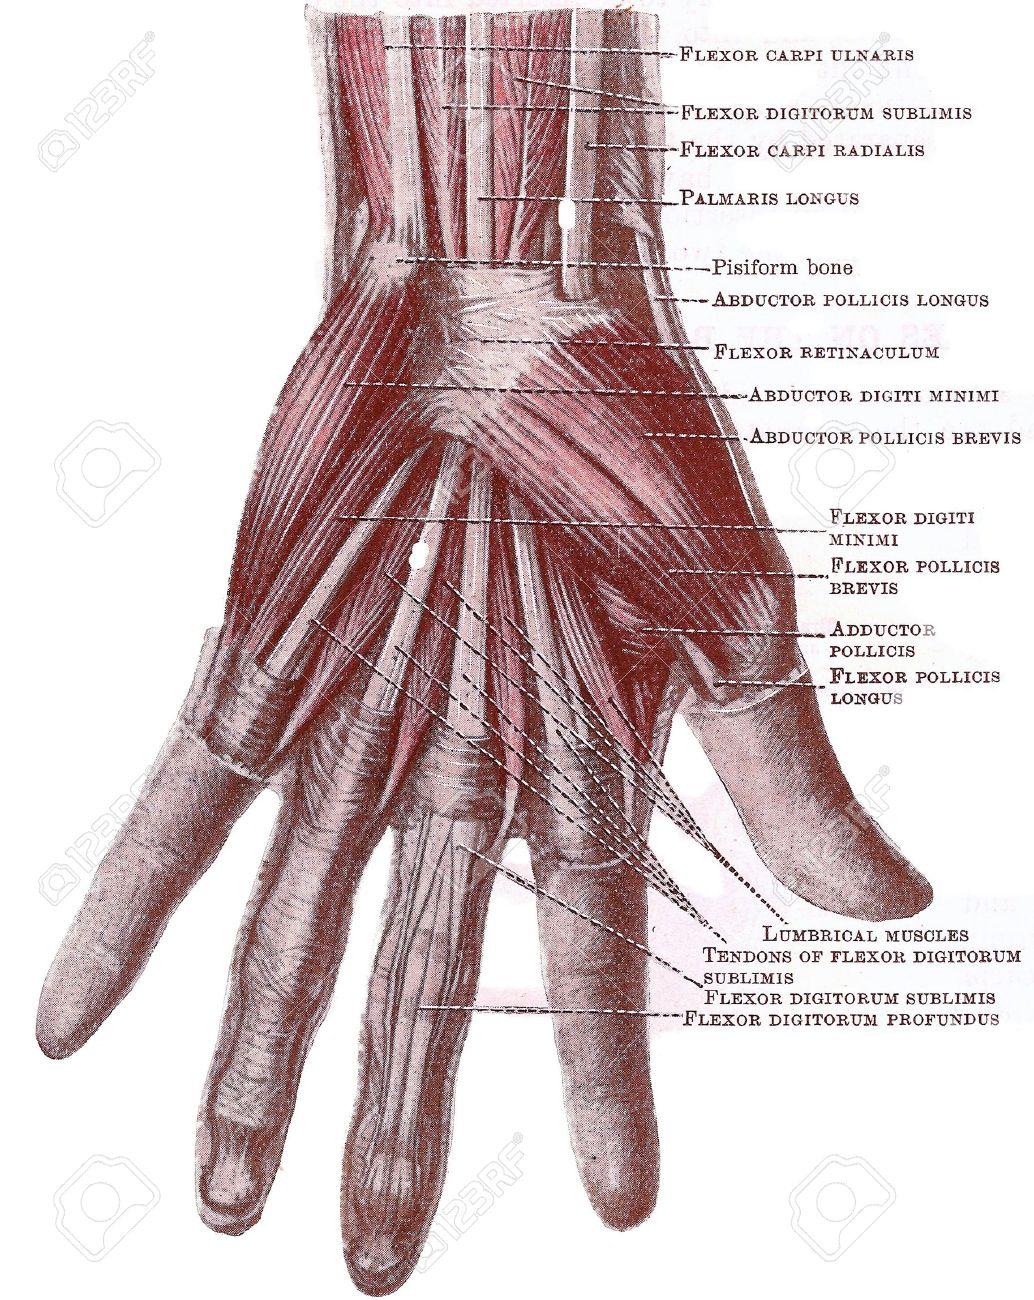 Dissektion Der Hand - Oberflächliche Muskeln Und Tnedons In Der ...